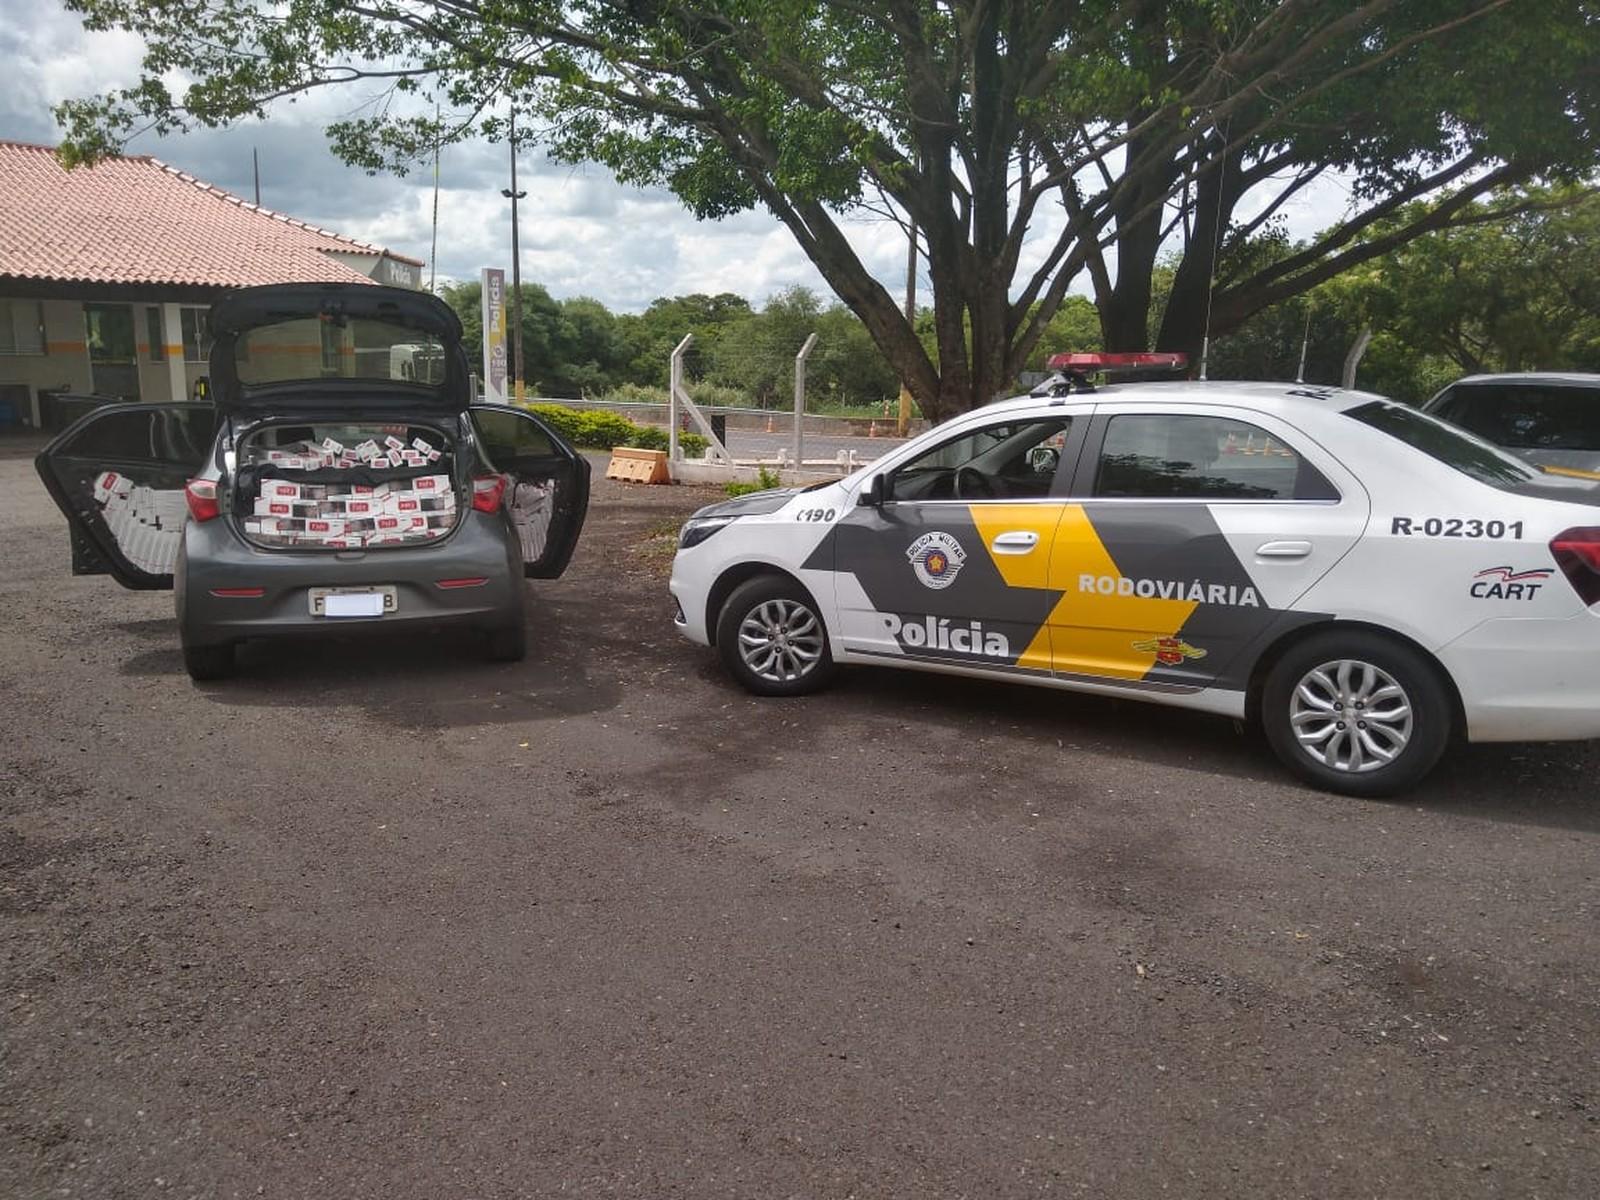 Carro abordado na SP-333, em Assis, transportava cerca de 9 mil maços com origem do Paraguai — Foto: Polícia Rodoviária/Divulgação